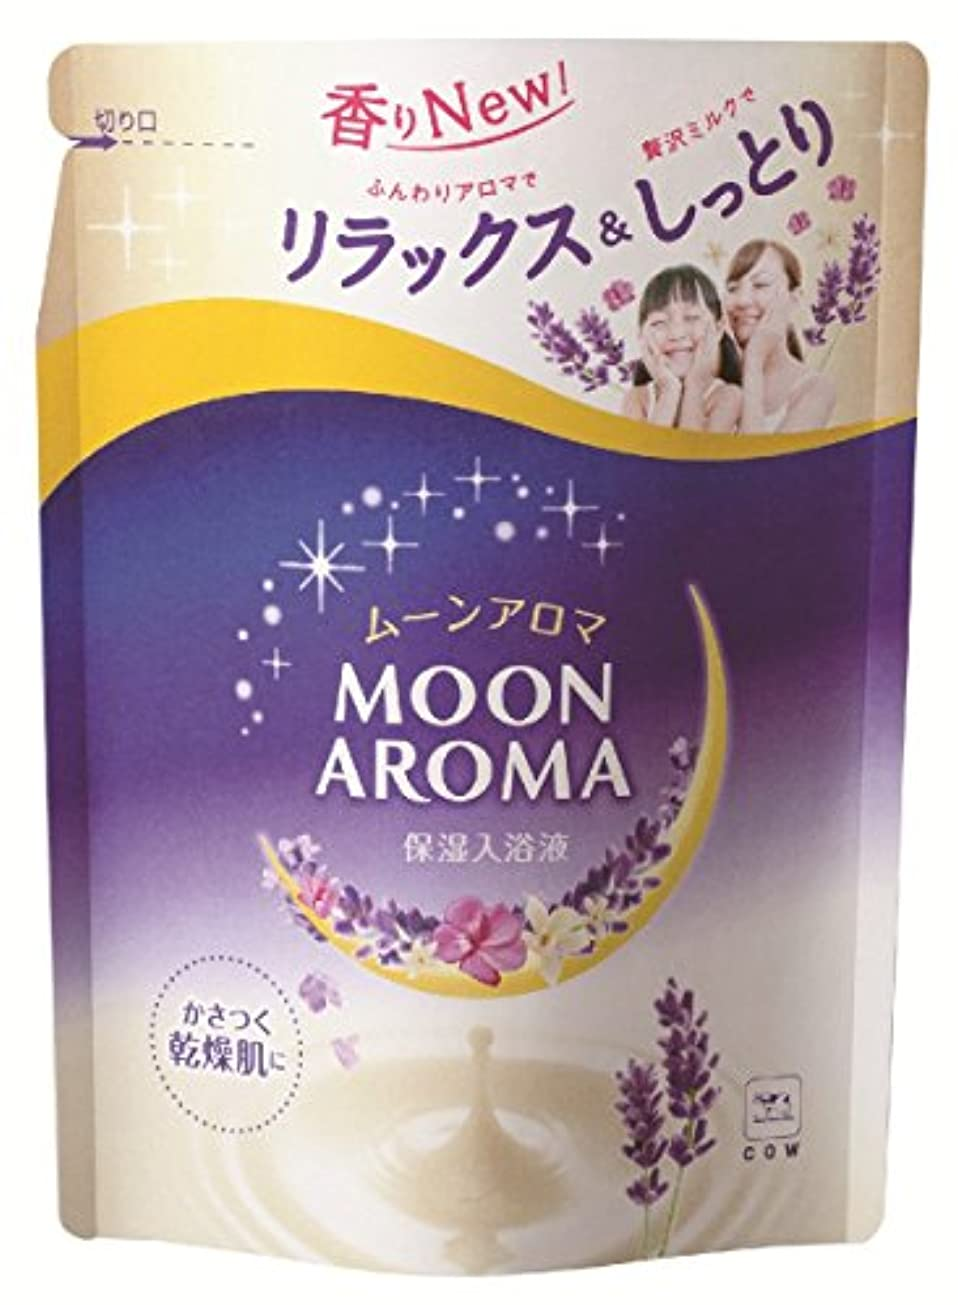 メイン幼児スキャンダルお湯物語 ムーンアロマ ラベンダードリームの香り 詰替用 480mL